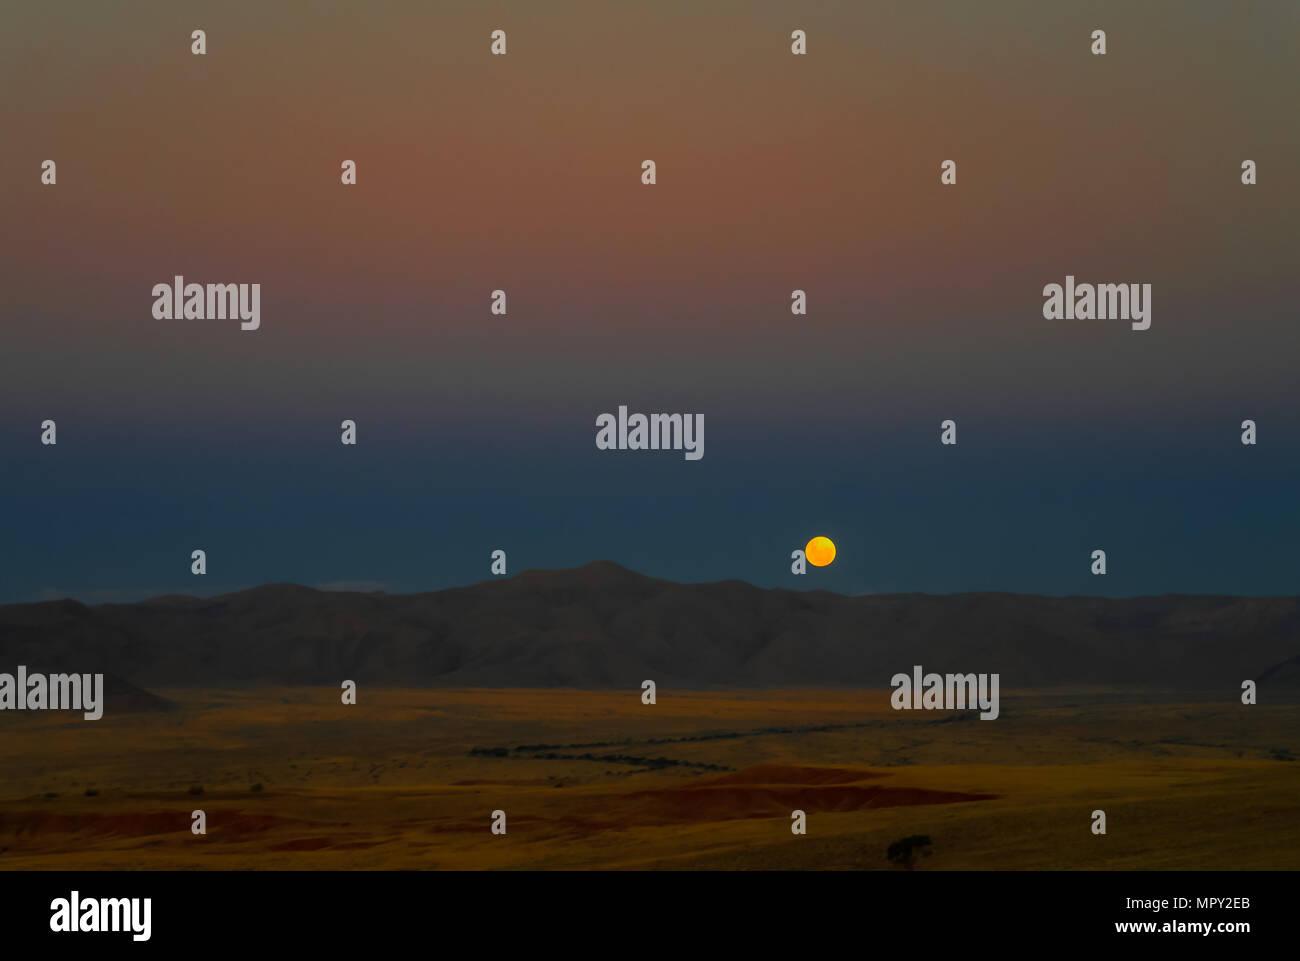 Full moon ascends over the dune in Namib desert, Namibia Stock Photo